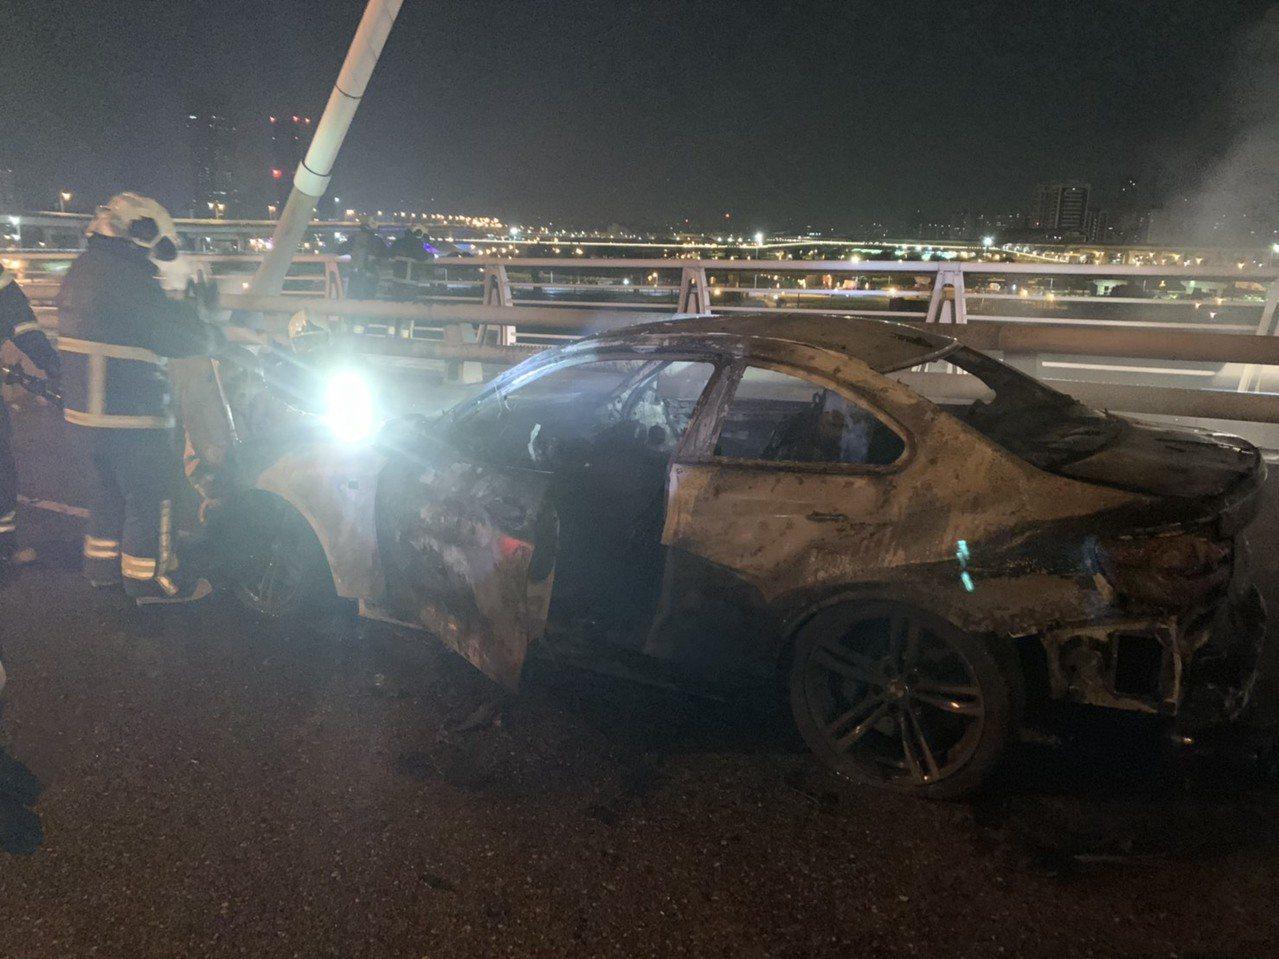 火勢撲滅之後,BMW跑車已完全燒毀。記者林昭彰/翻攝